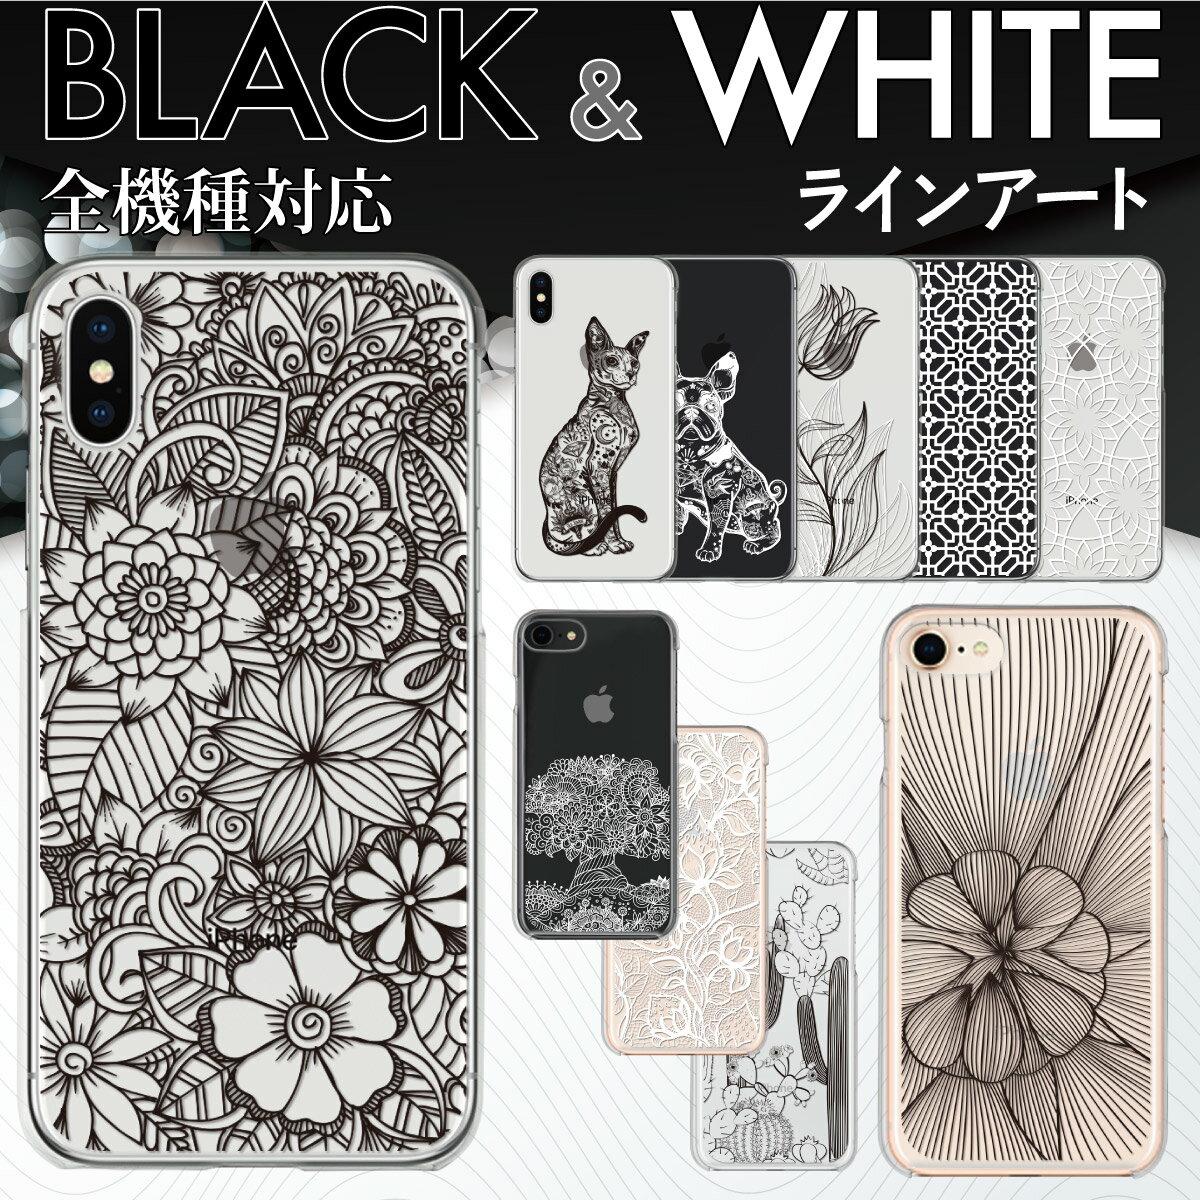 スマホケース 全機種対応 ケース カバー ハードケース クリアケース iPhoneX iPhone8 iPhone7 iPhone6s Plus iPhone5s SE Xperia XZ2 XZ1 XZs XZ so-04k so-03k so-02k so-01k Z5 aquos R2 R sh-03k galaxy s9 s8 ラインアート zen-ca004s